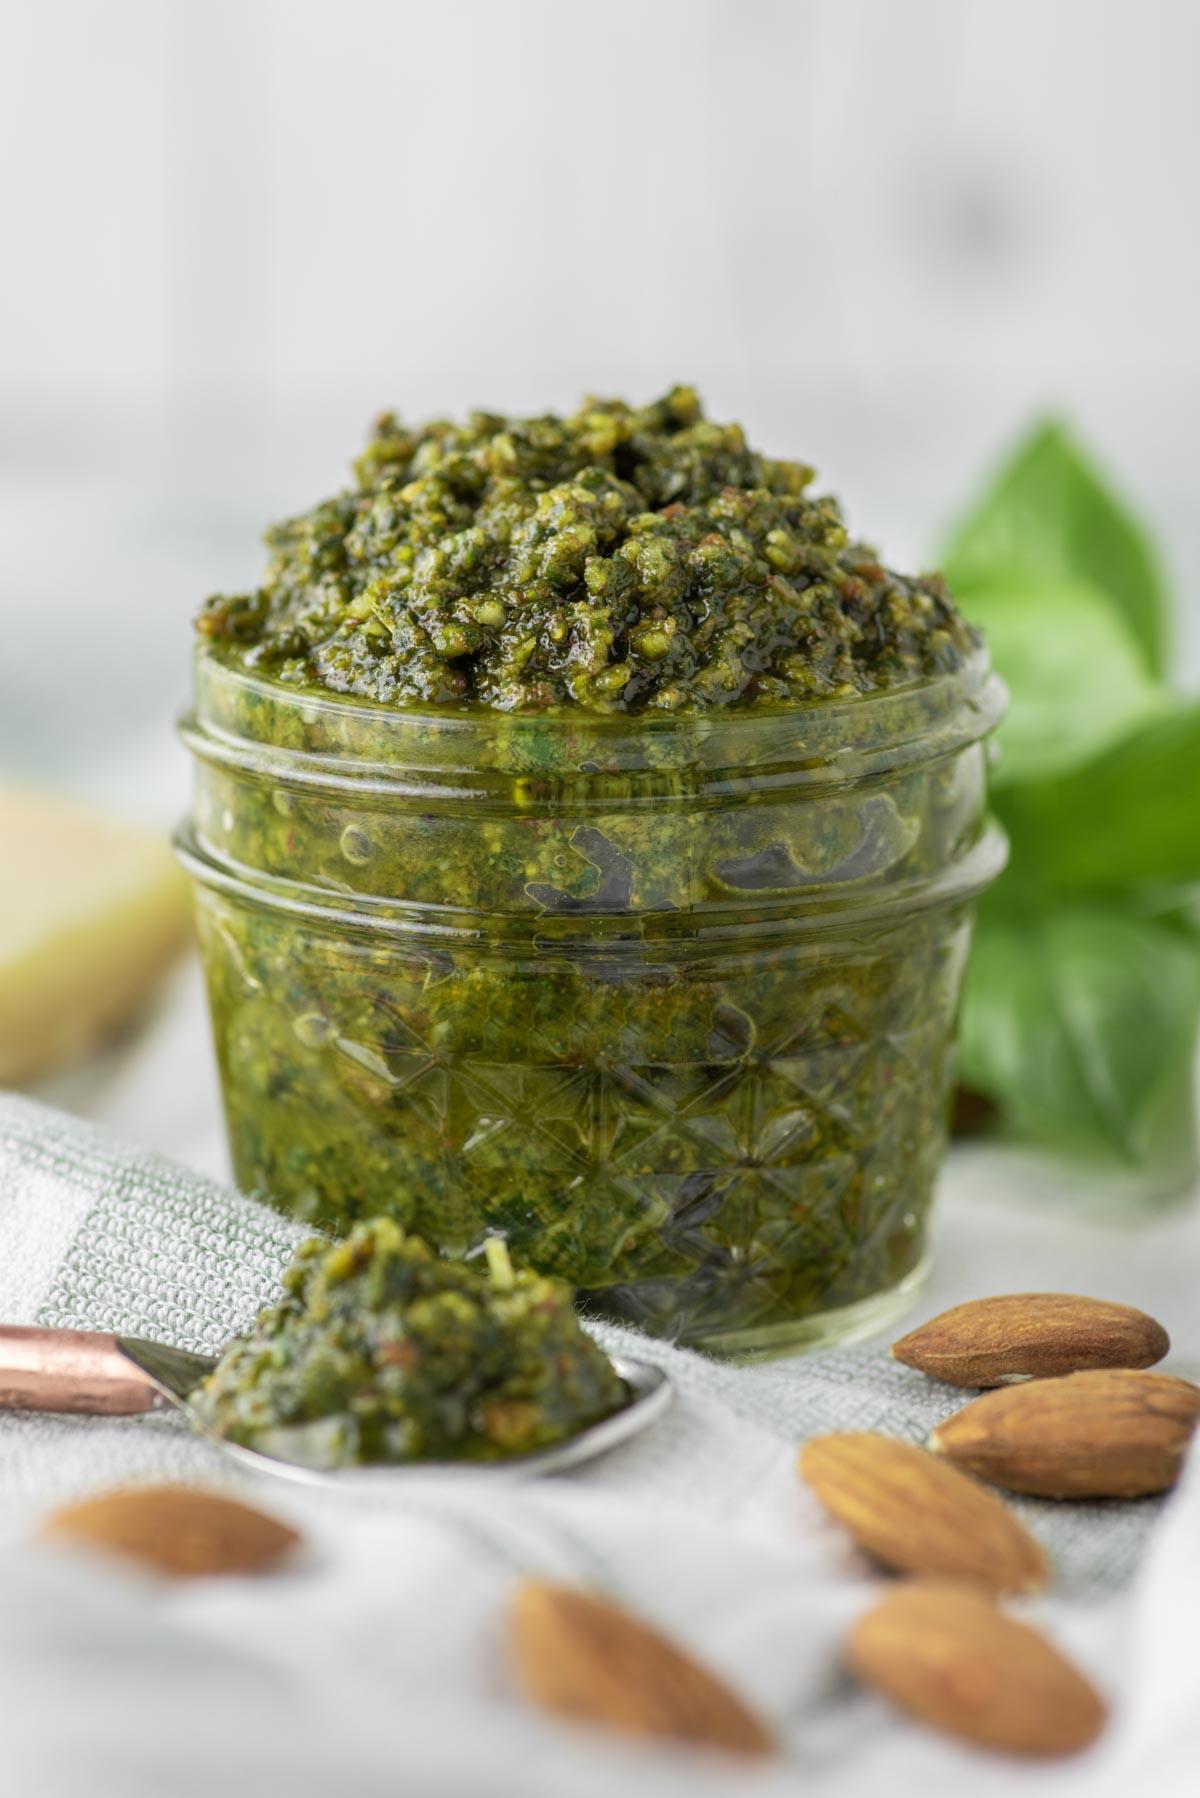 almond basil pesto in glass jar